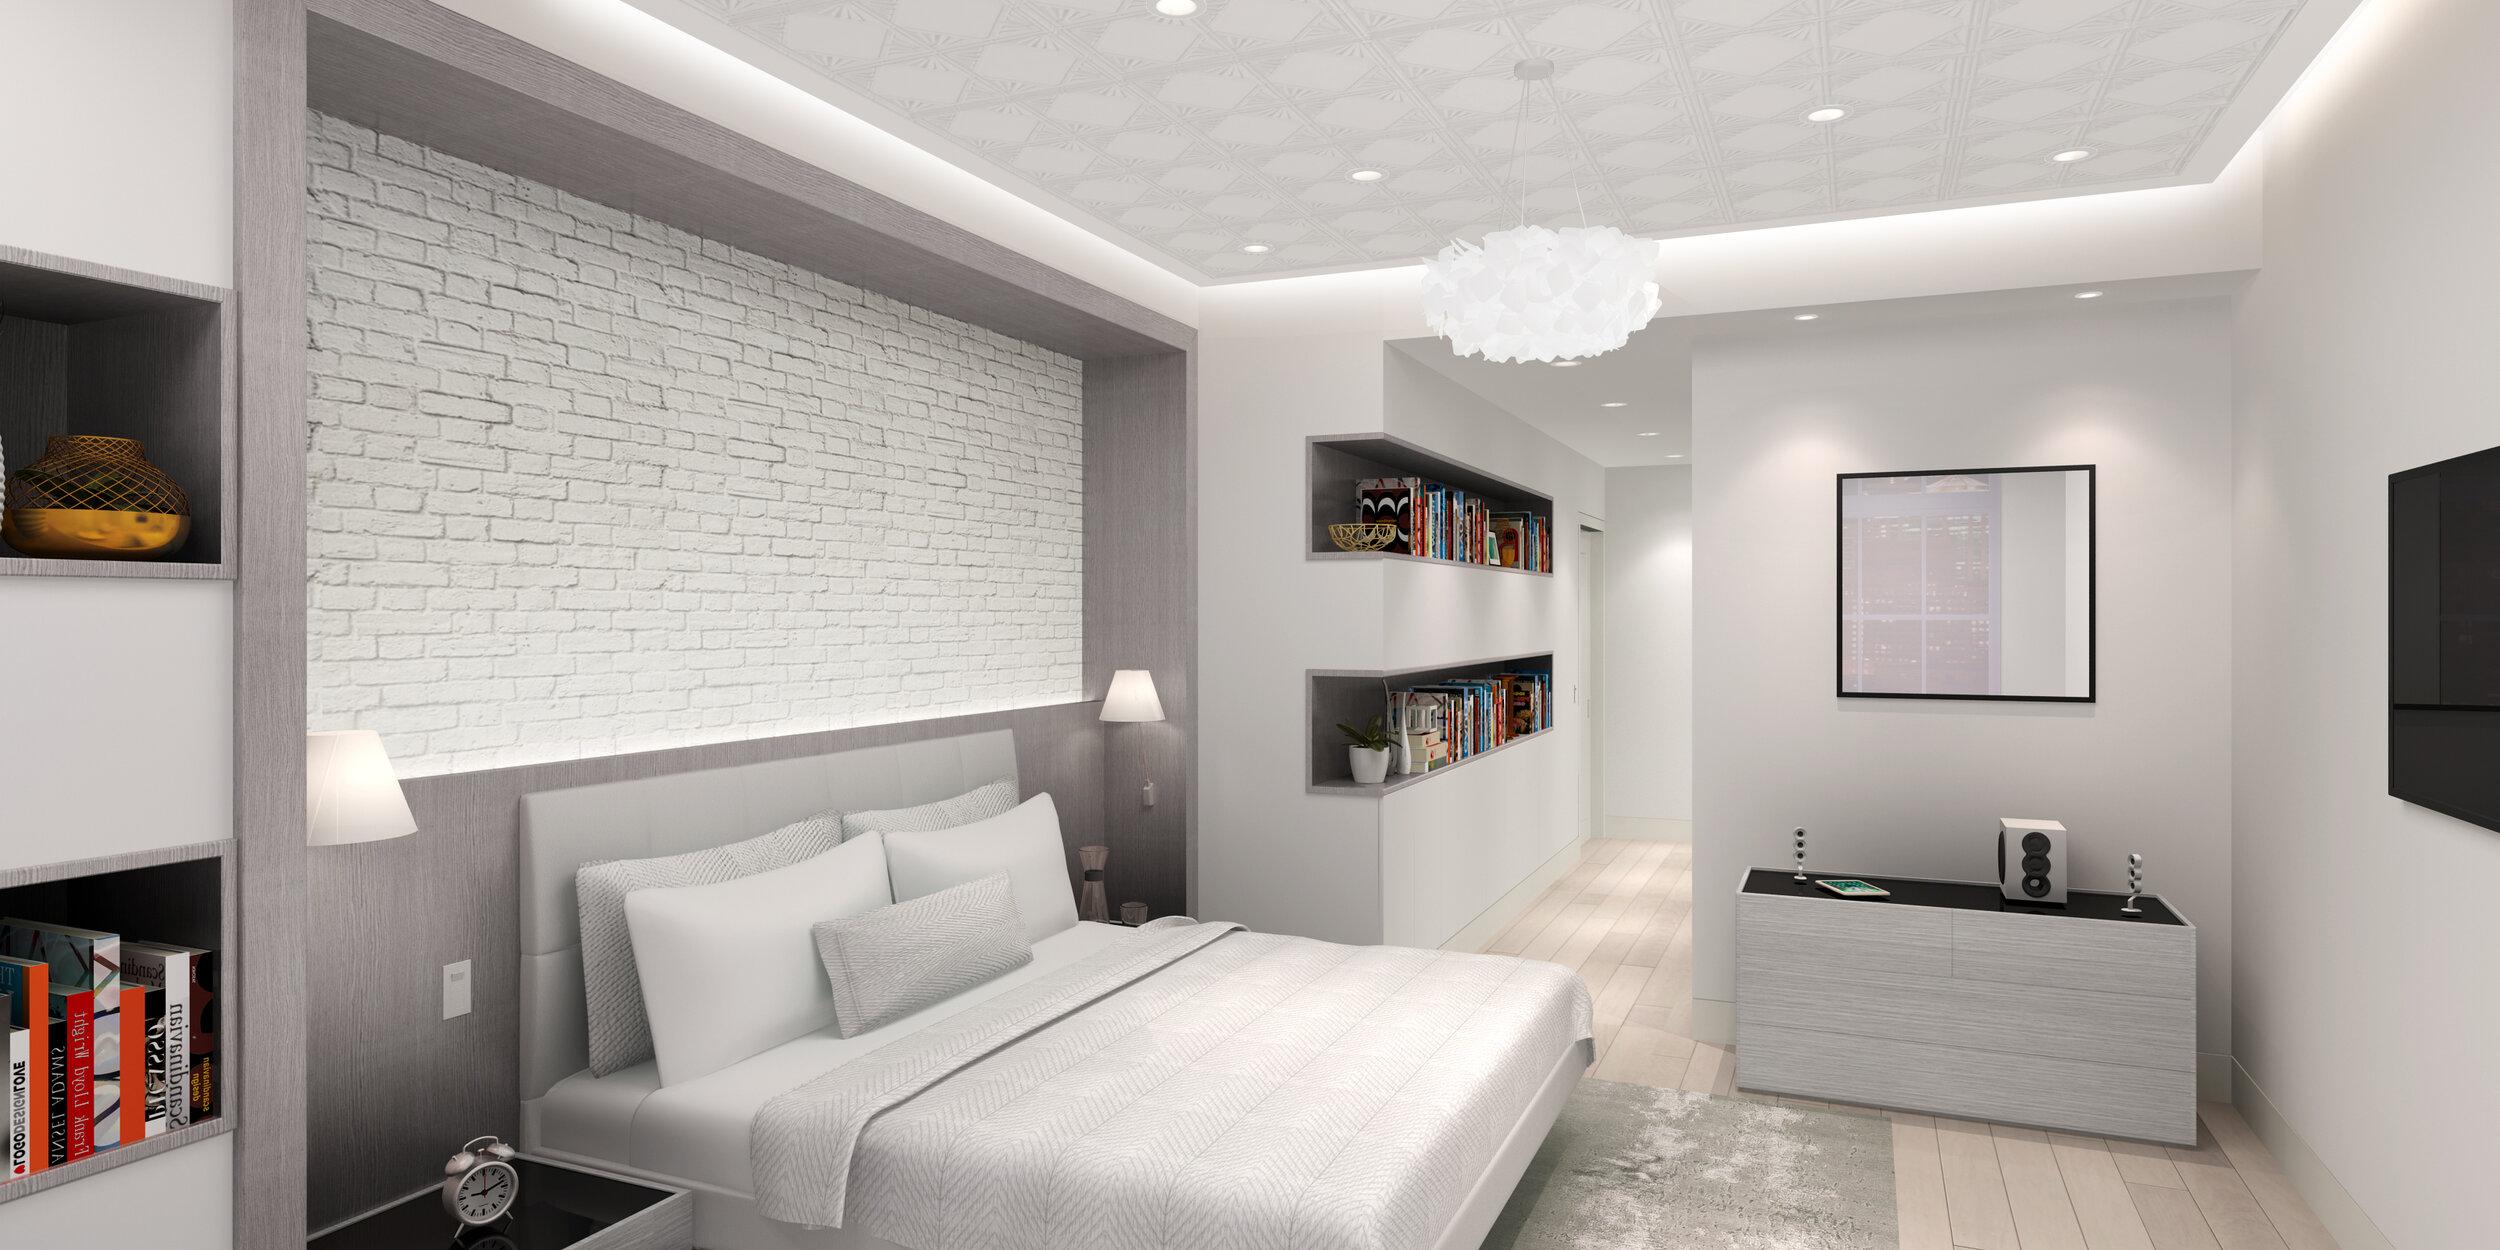 17002 - Master Bedroom02.jpg